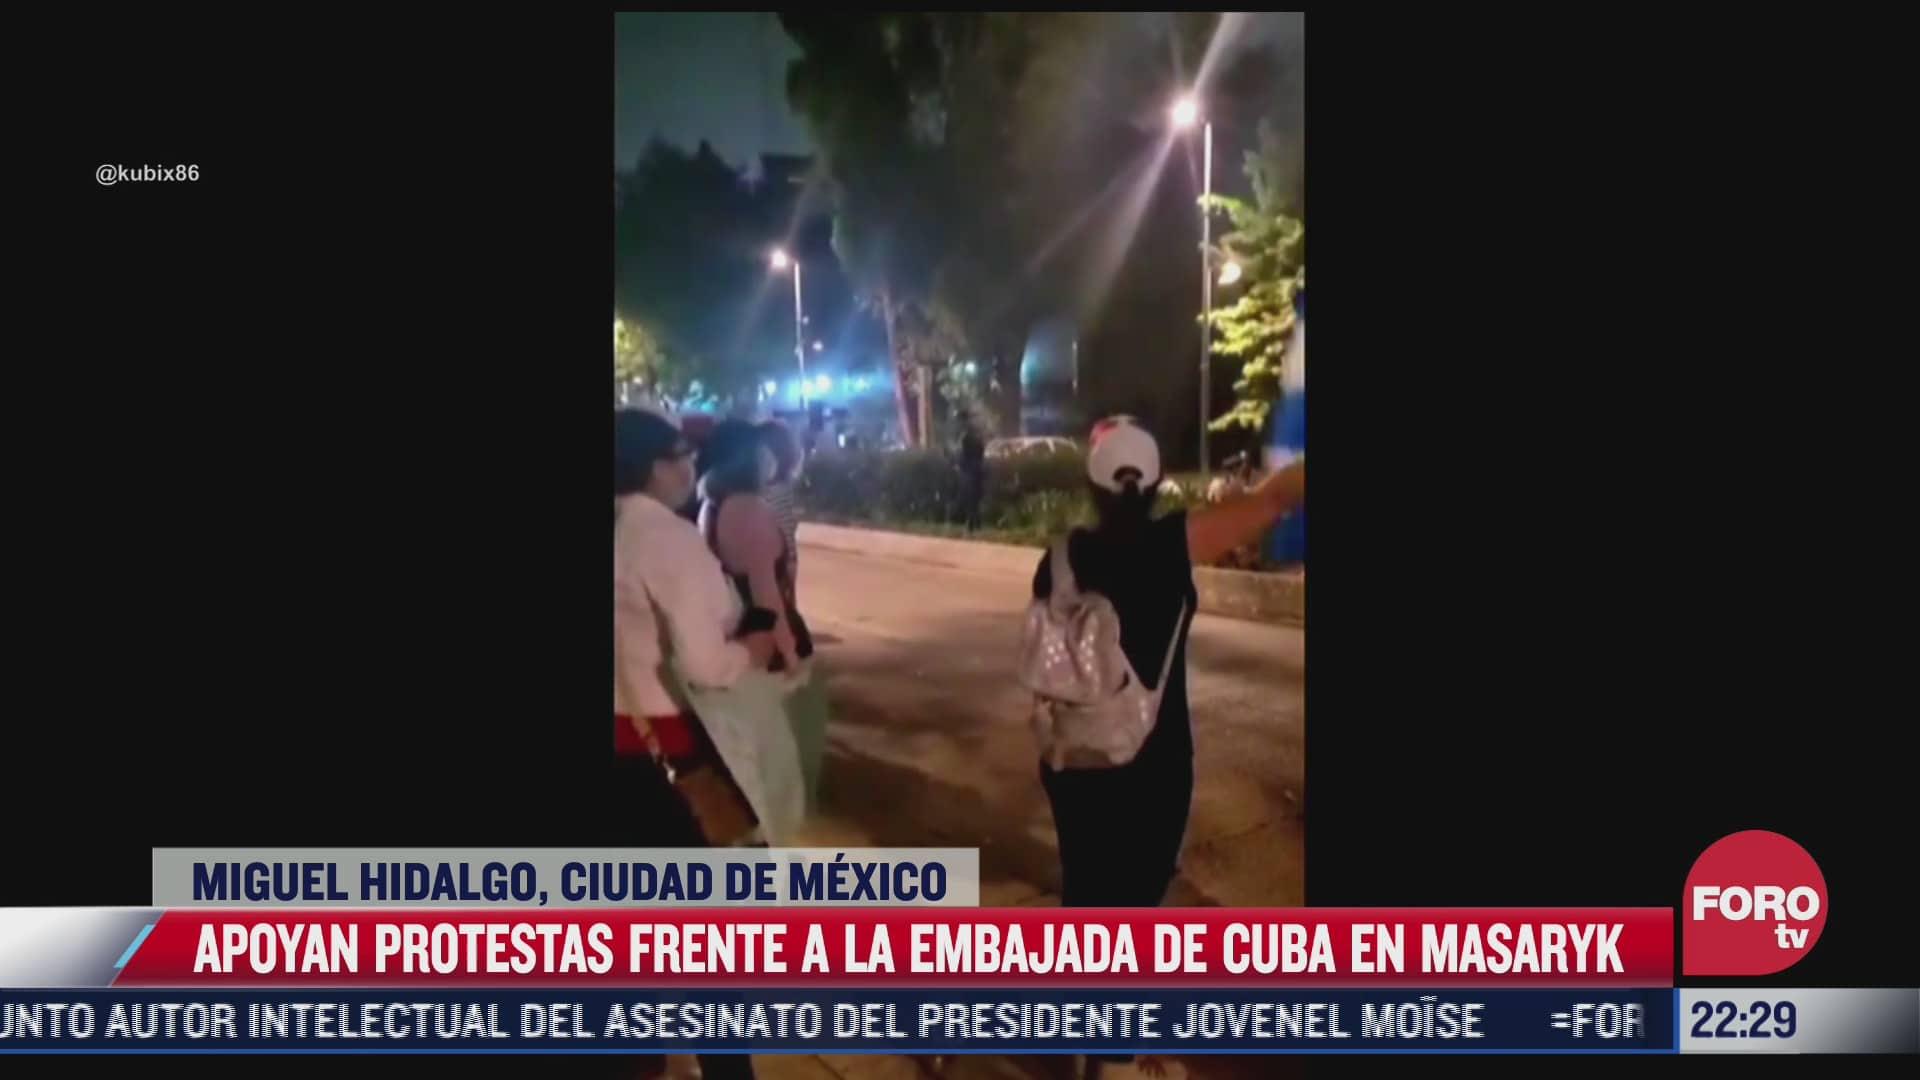 apoyan protestas frente a la embajada de cuba en mexico